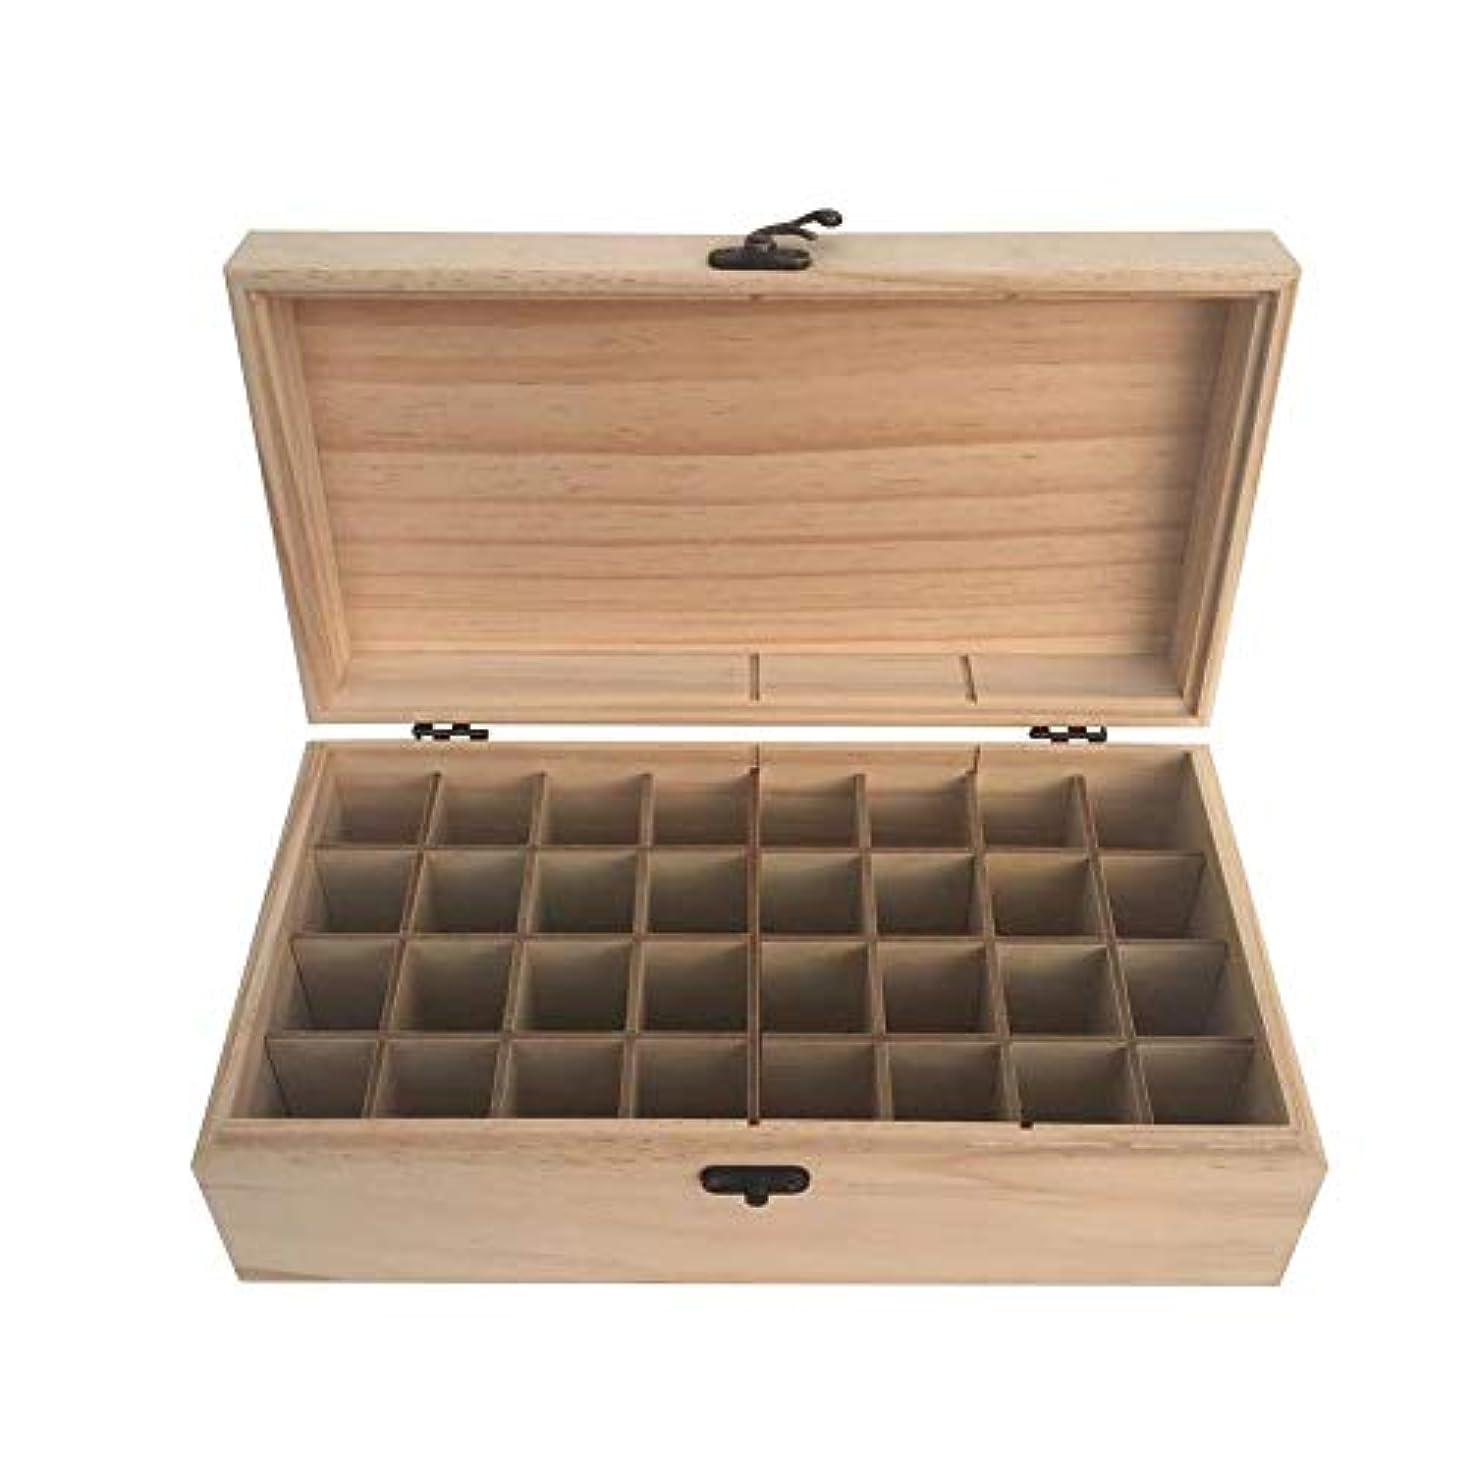 休み好意パターンエッセンシャルオイル収納ボックス 精油収納ケース 大容量 32本収納可能 取り外し可能 木製 環境に優しい 5ml~15mlの精油ボルトに対応 junexi